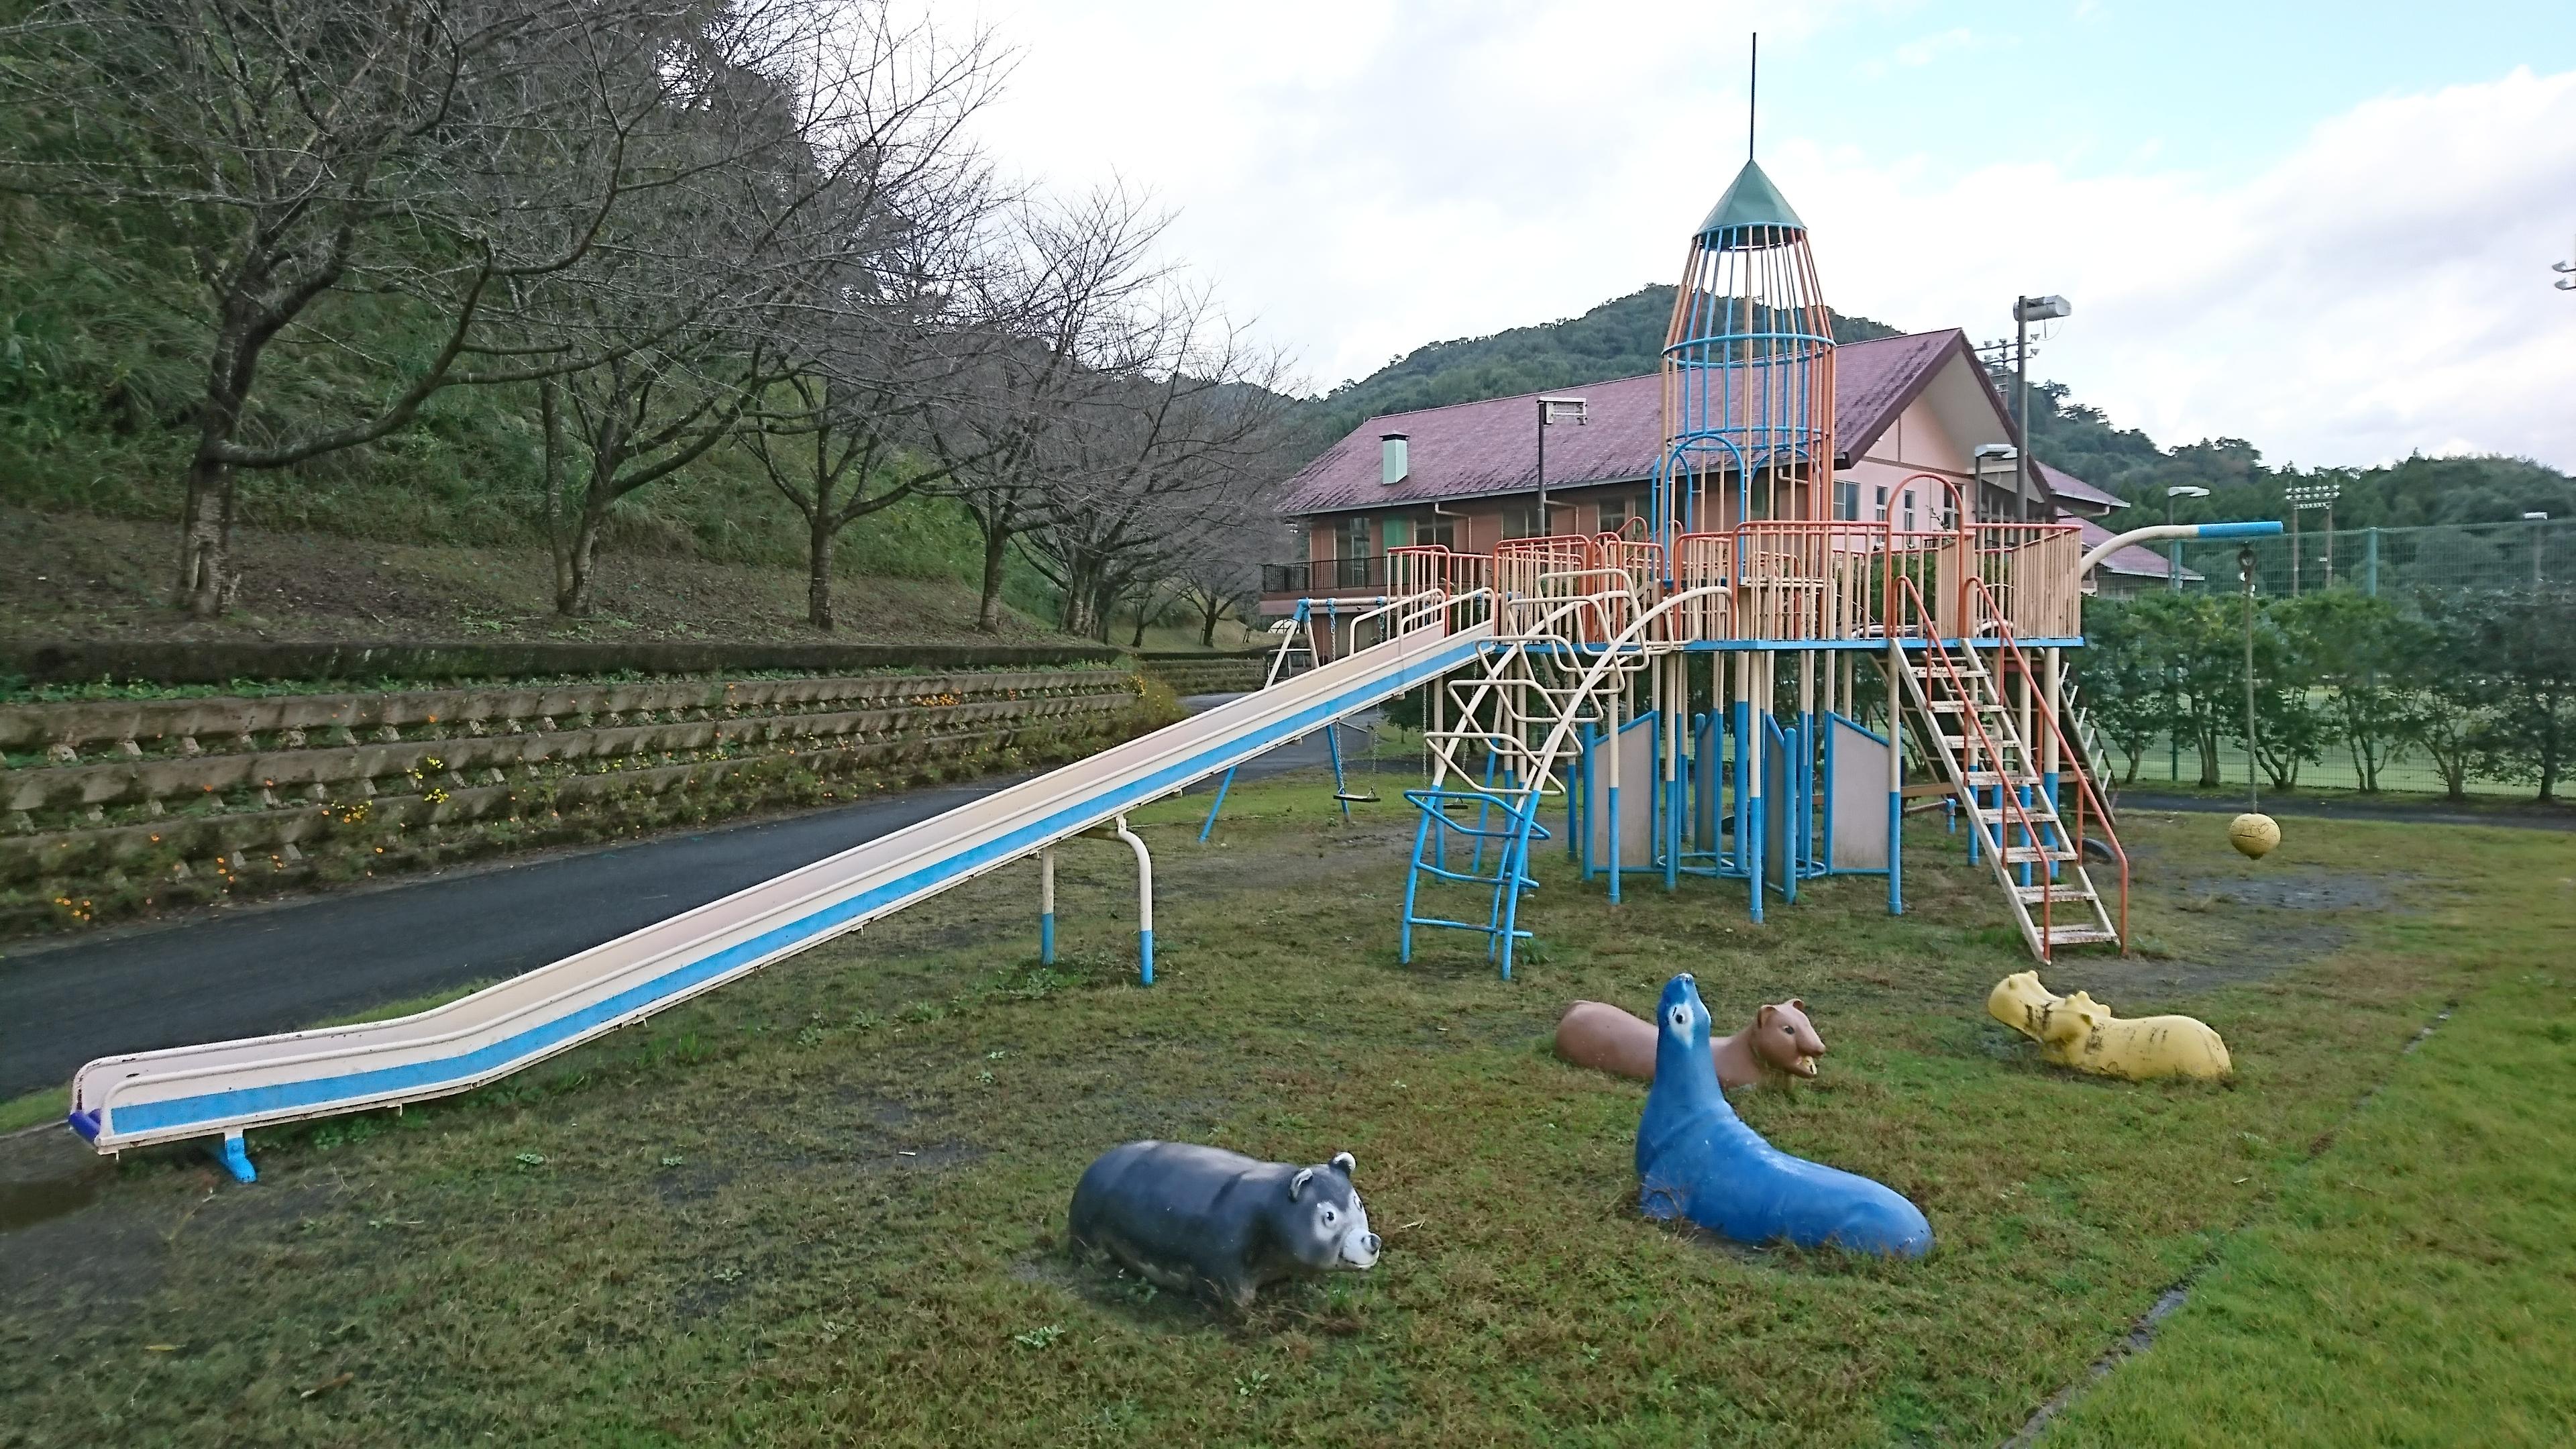 【観音山総合公園】宇城市小川町、テニスコートや遊具があるスポット